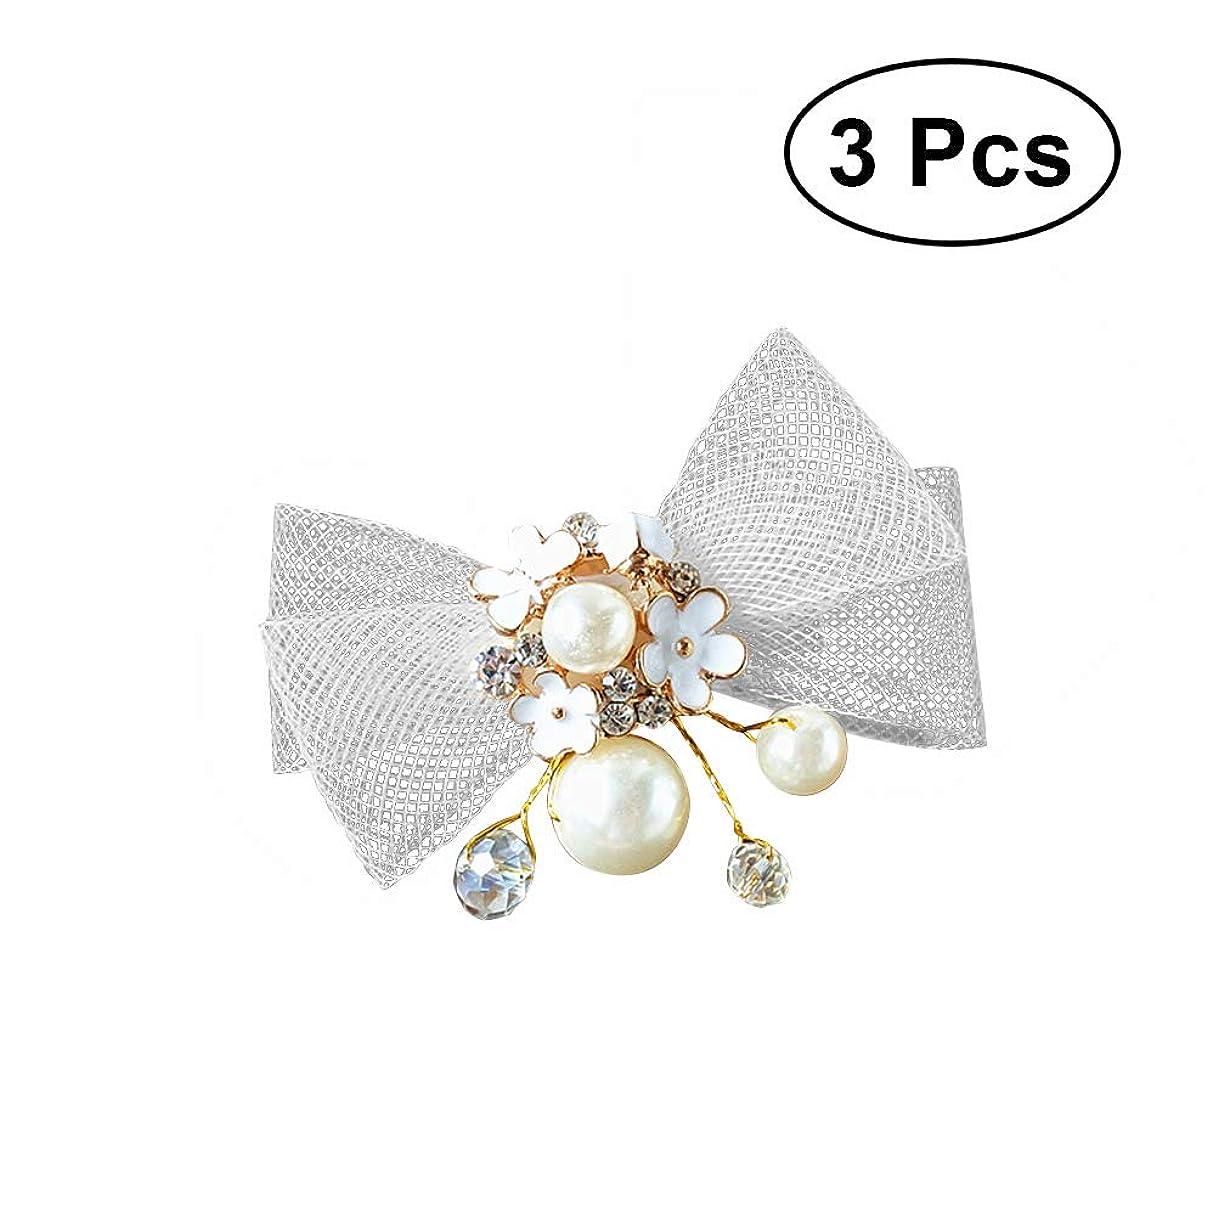 ロデオアシスタント基本的なLurrose 3ピースファッション手作り花嫁蝶ヘアピンクリスタルブライダルヘッドドレスパールヘアピンヘアクリップウェディングドレスアクセサリー